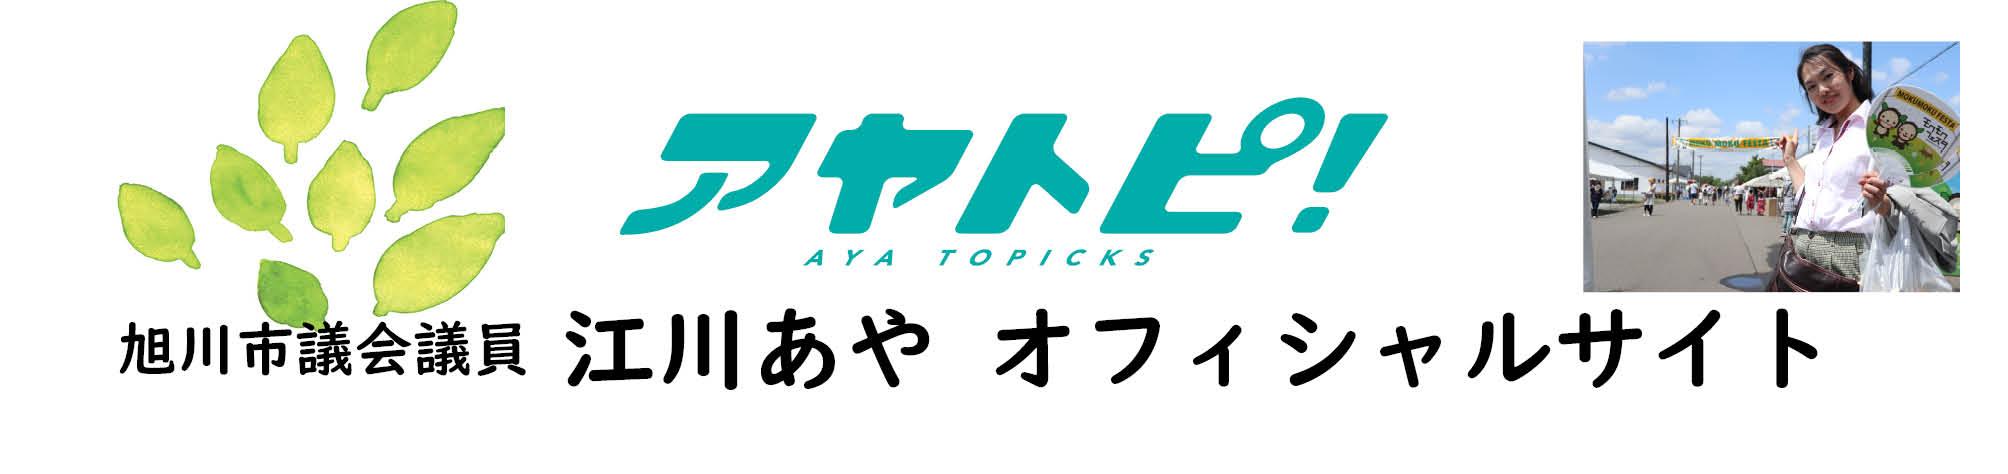 江川 あや オフィシャルサイト